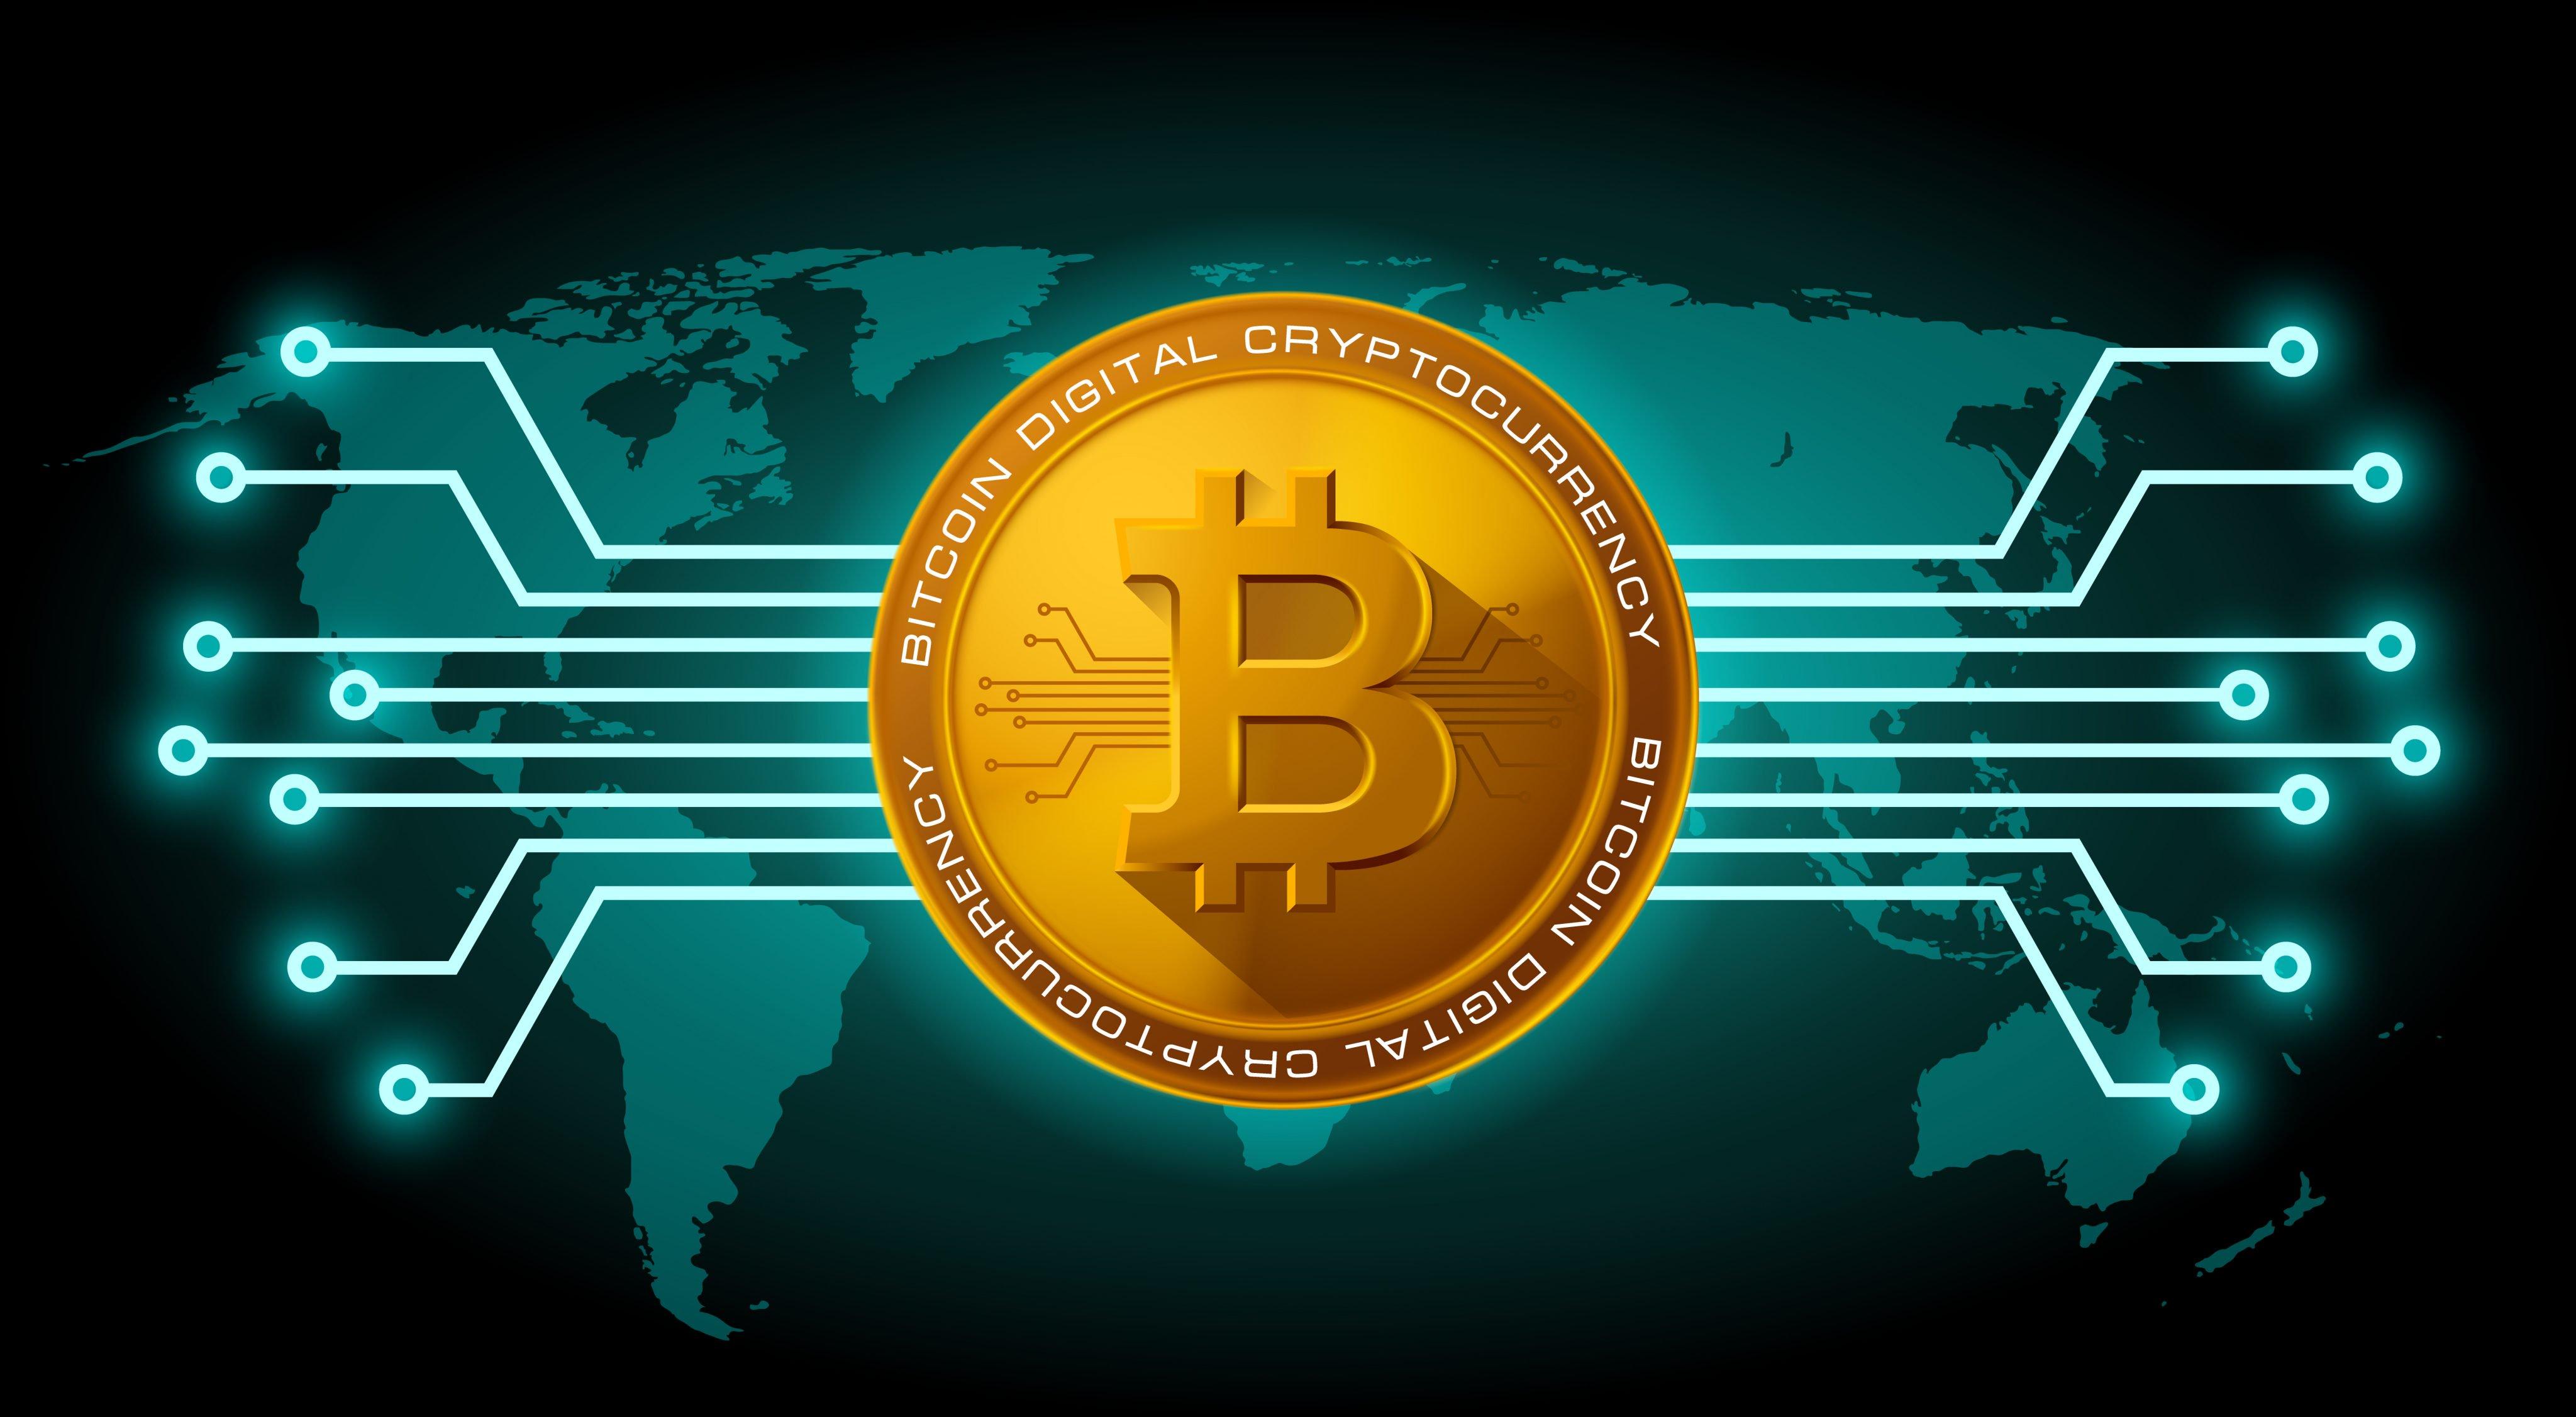 بانک مرکزی خرید و فروش ارزهای دیجیتال را ممنوع اعلام کرد